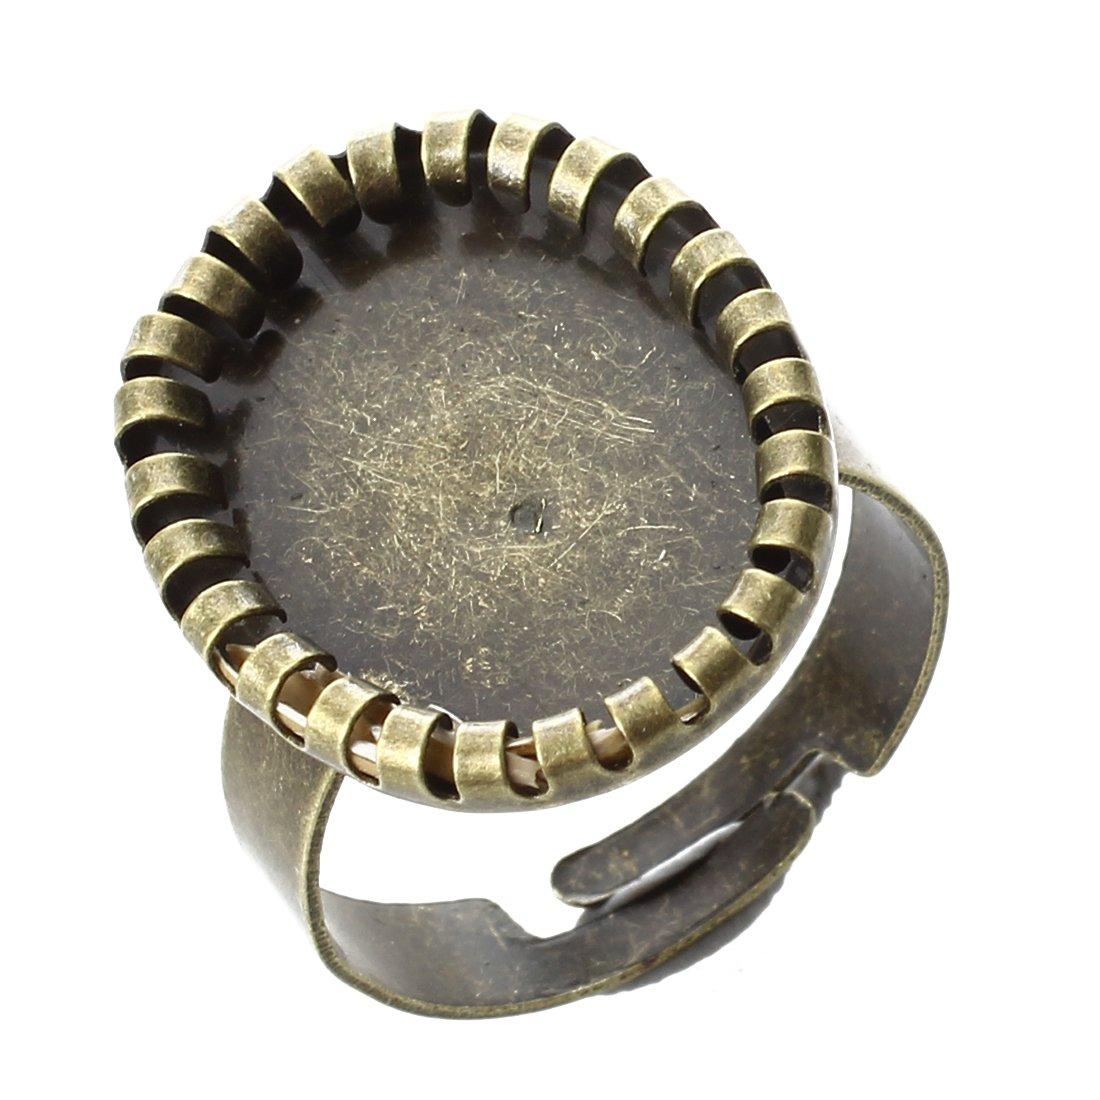 SODIAL(R) 10X 22X18mm anneau sertissage dentelle pour l'artisanat Bronze TOP 023775